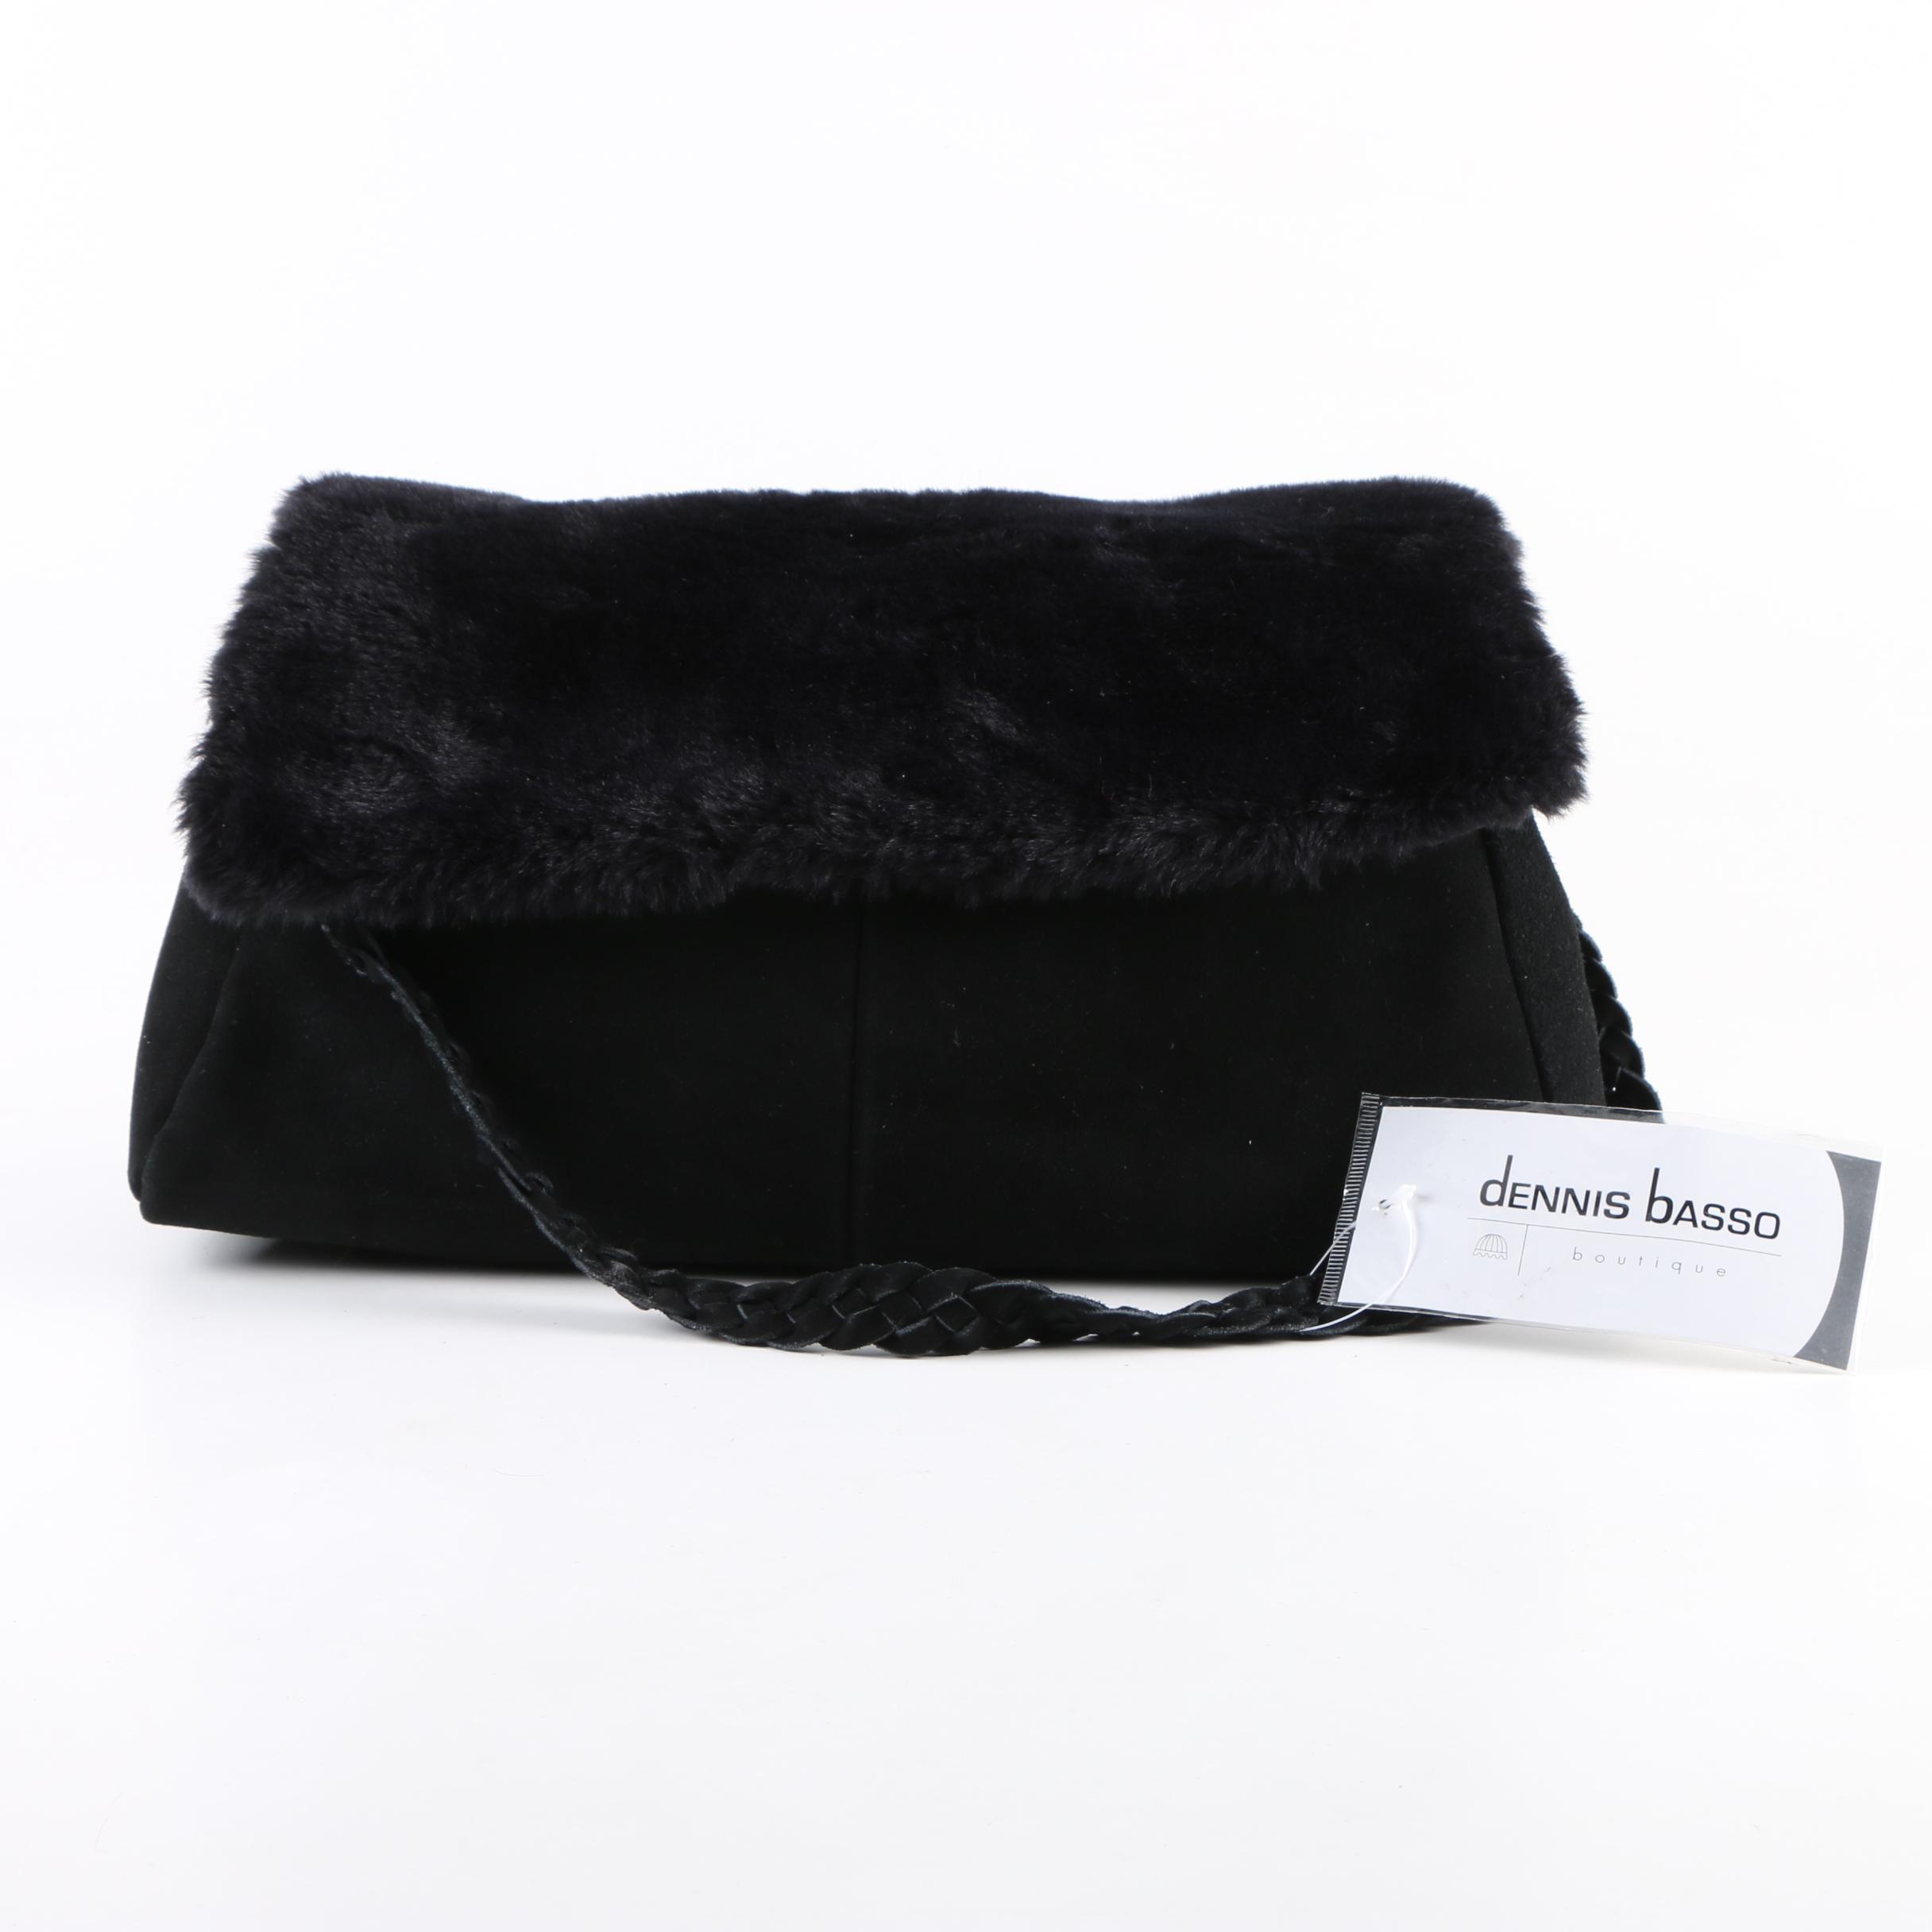 Dennis Basso Boutique Black Suede Shoulder Bag with Faux Fur Flap